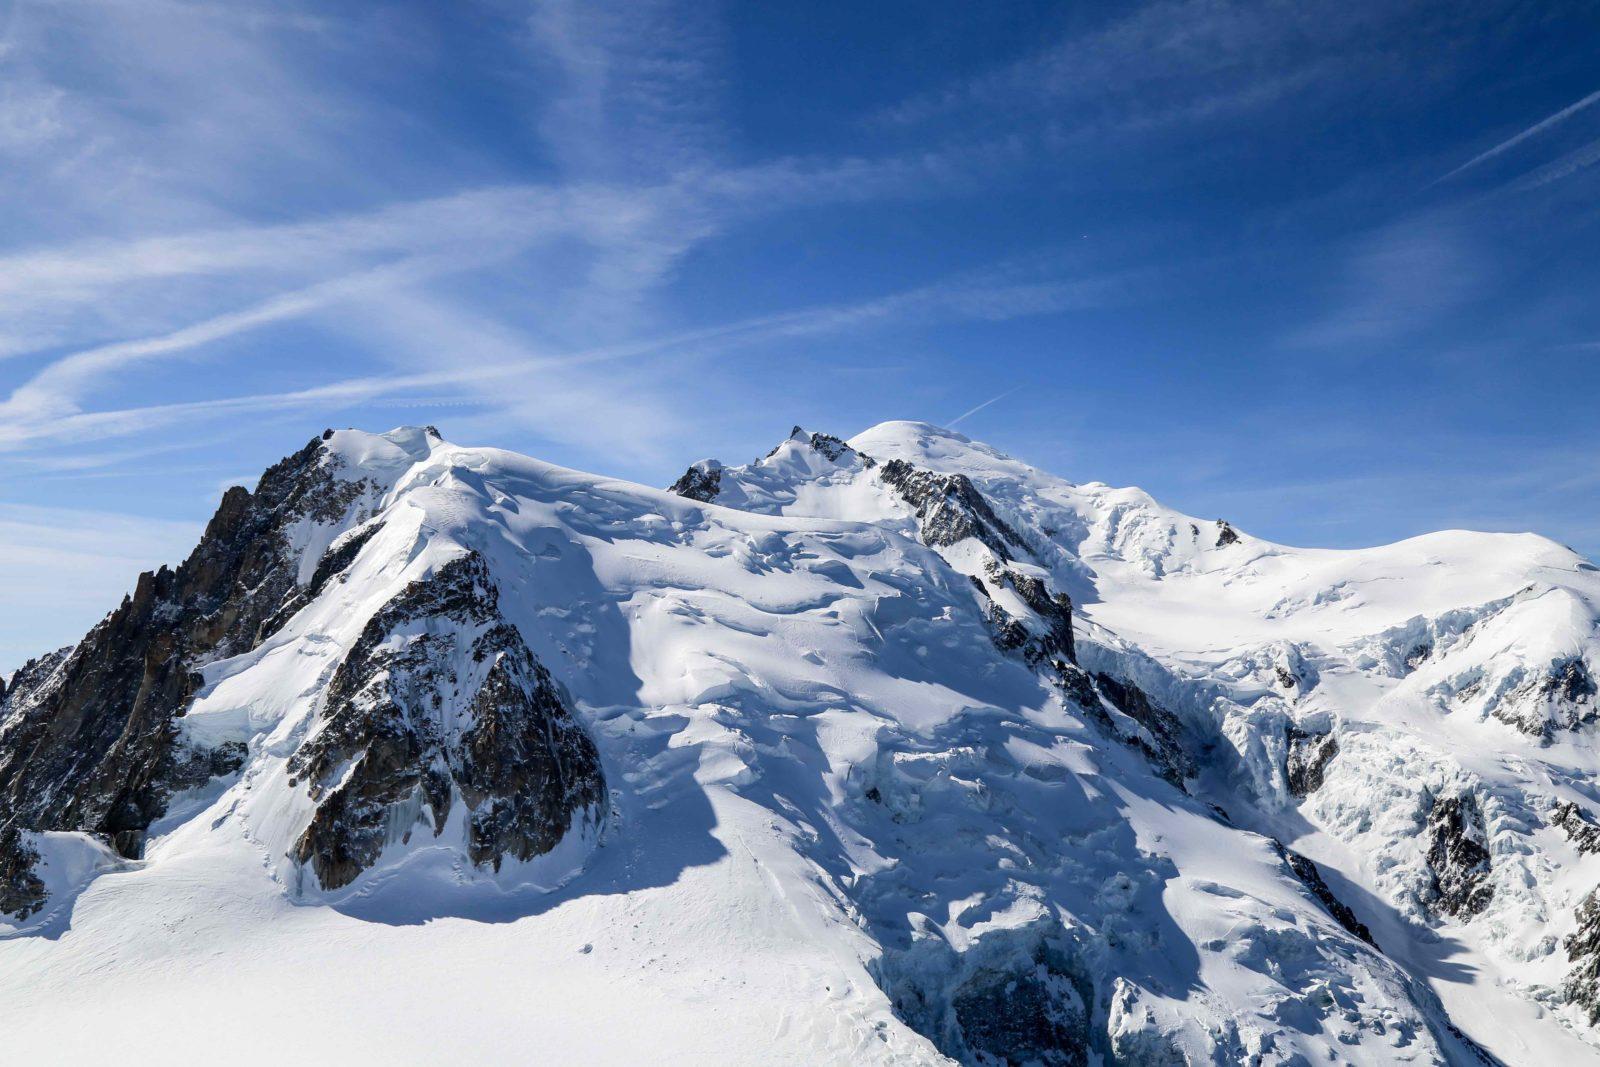 Chamonix l'Aiguille du Midi